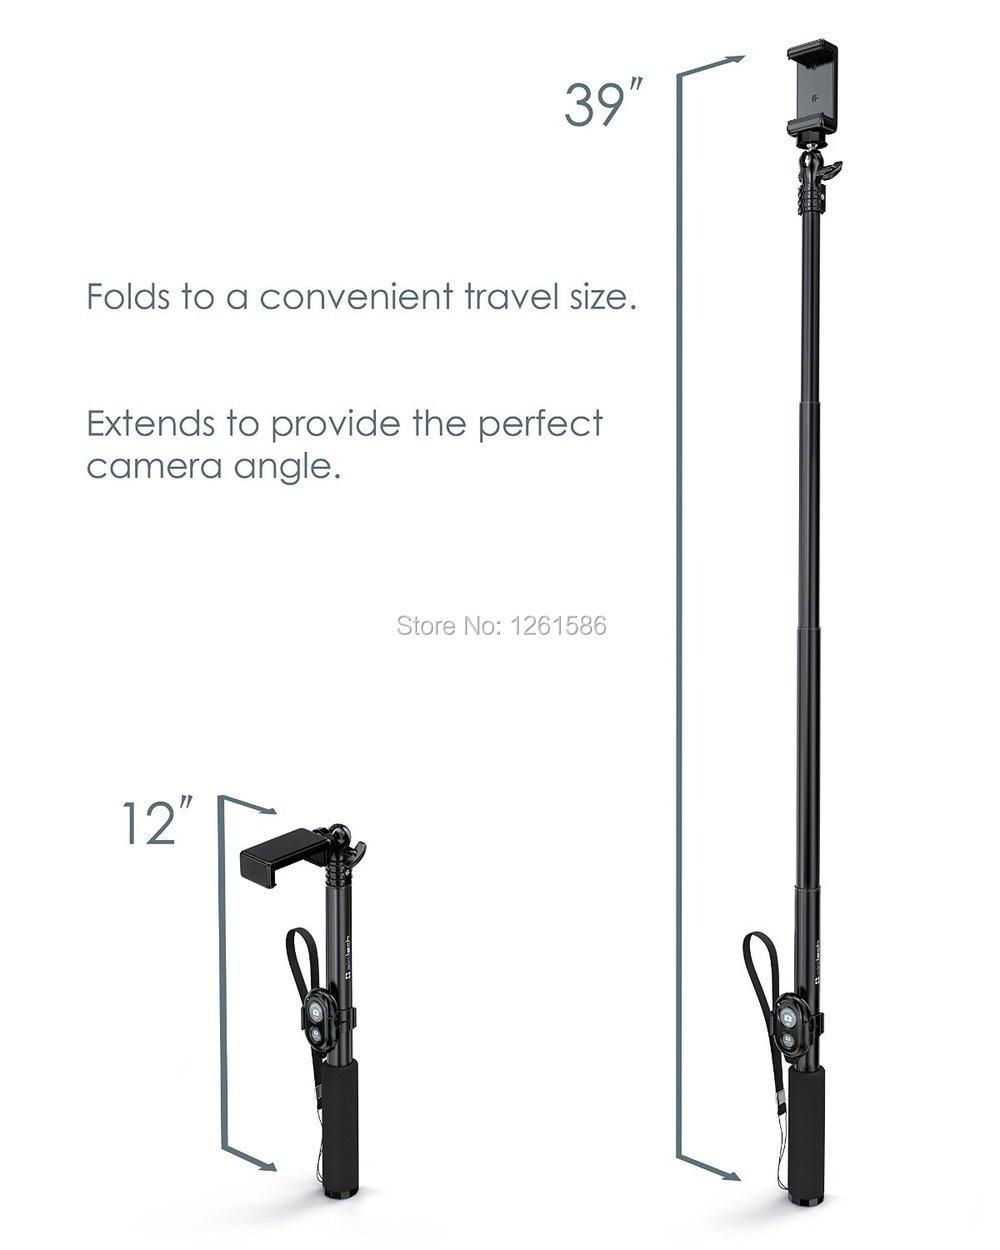 Αυτοκόλλητο GOPRO μονοφωνικό ραβδί GOPRO - Κάμερα και φωτογραφία - Φωτογραφία 2